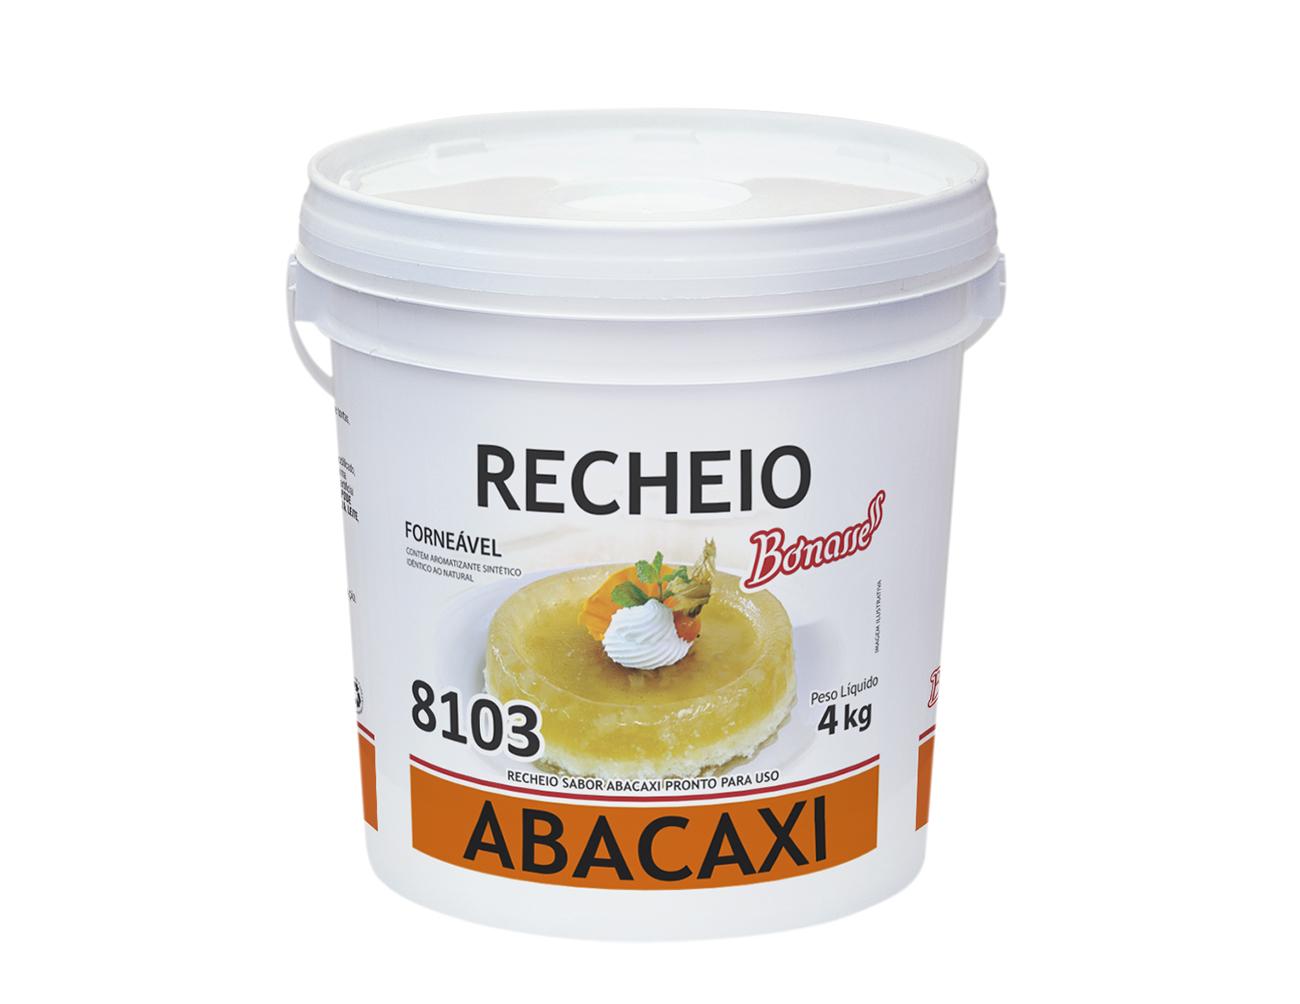 Recheio Abacaxi